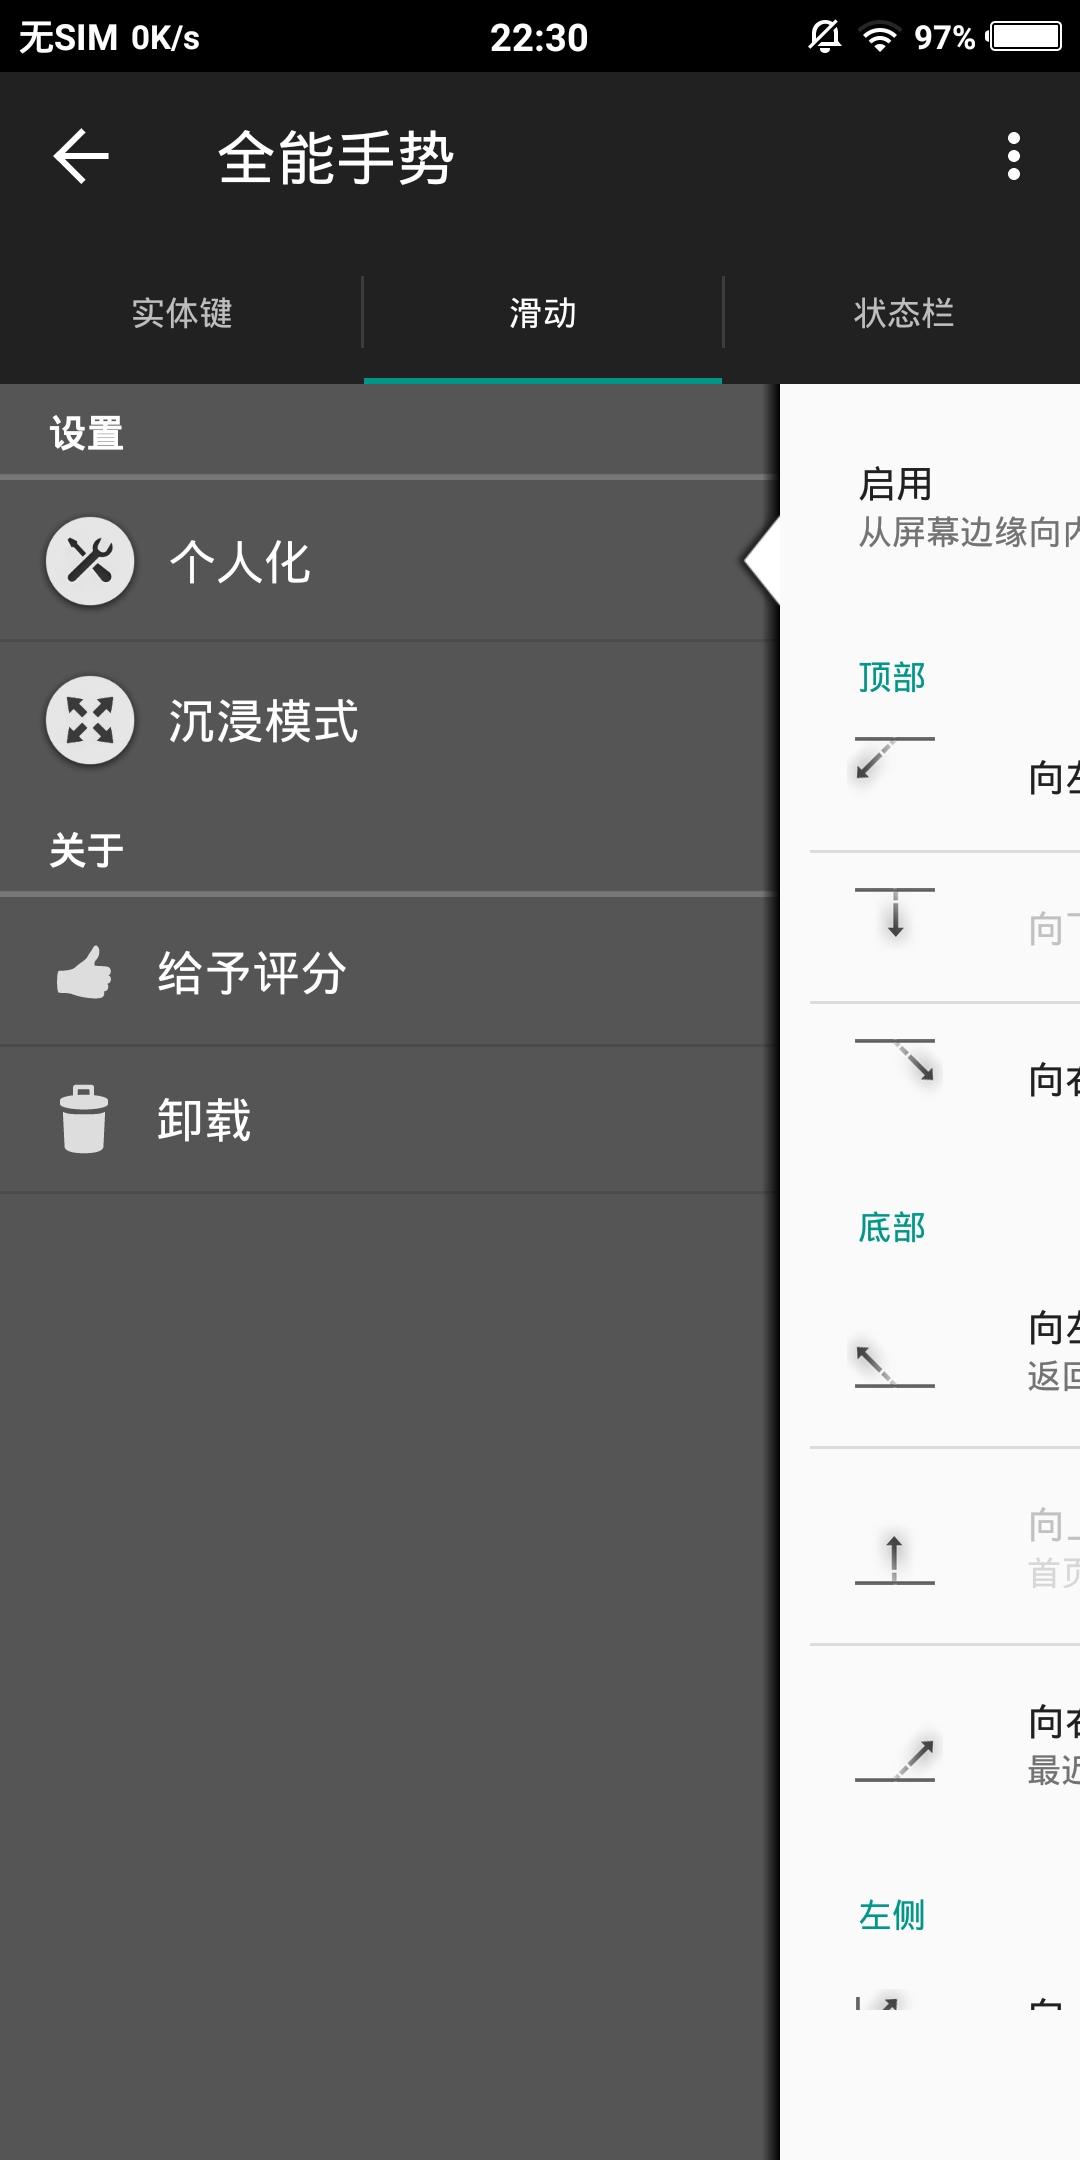 Screenshot_20180123_223049.jpg